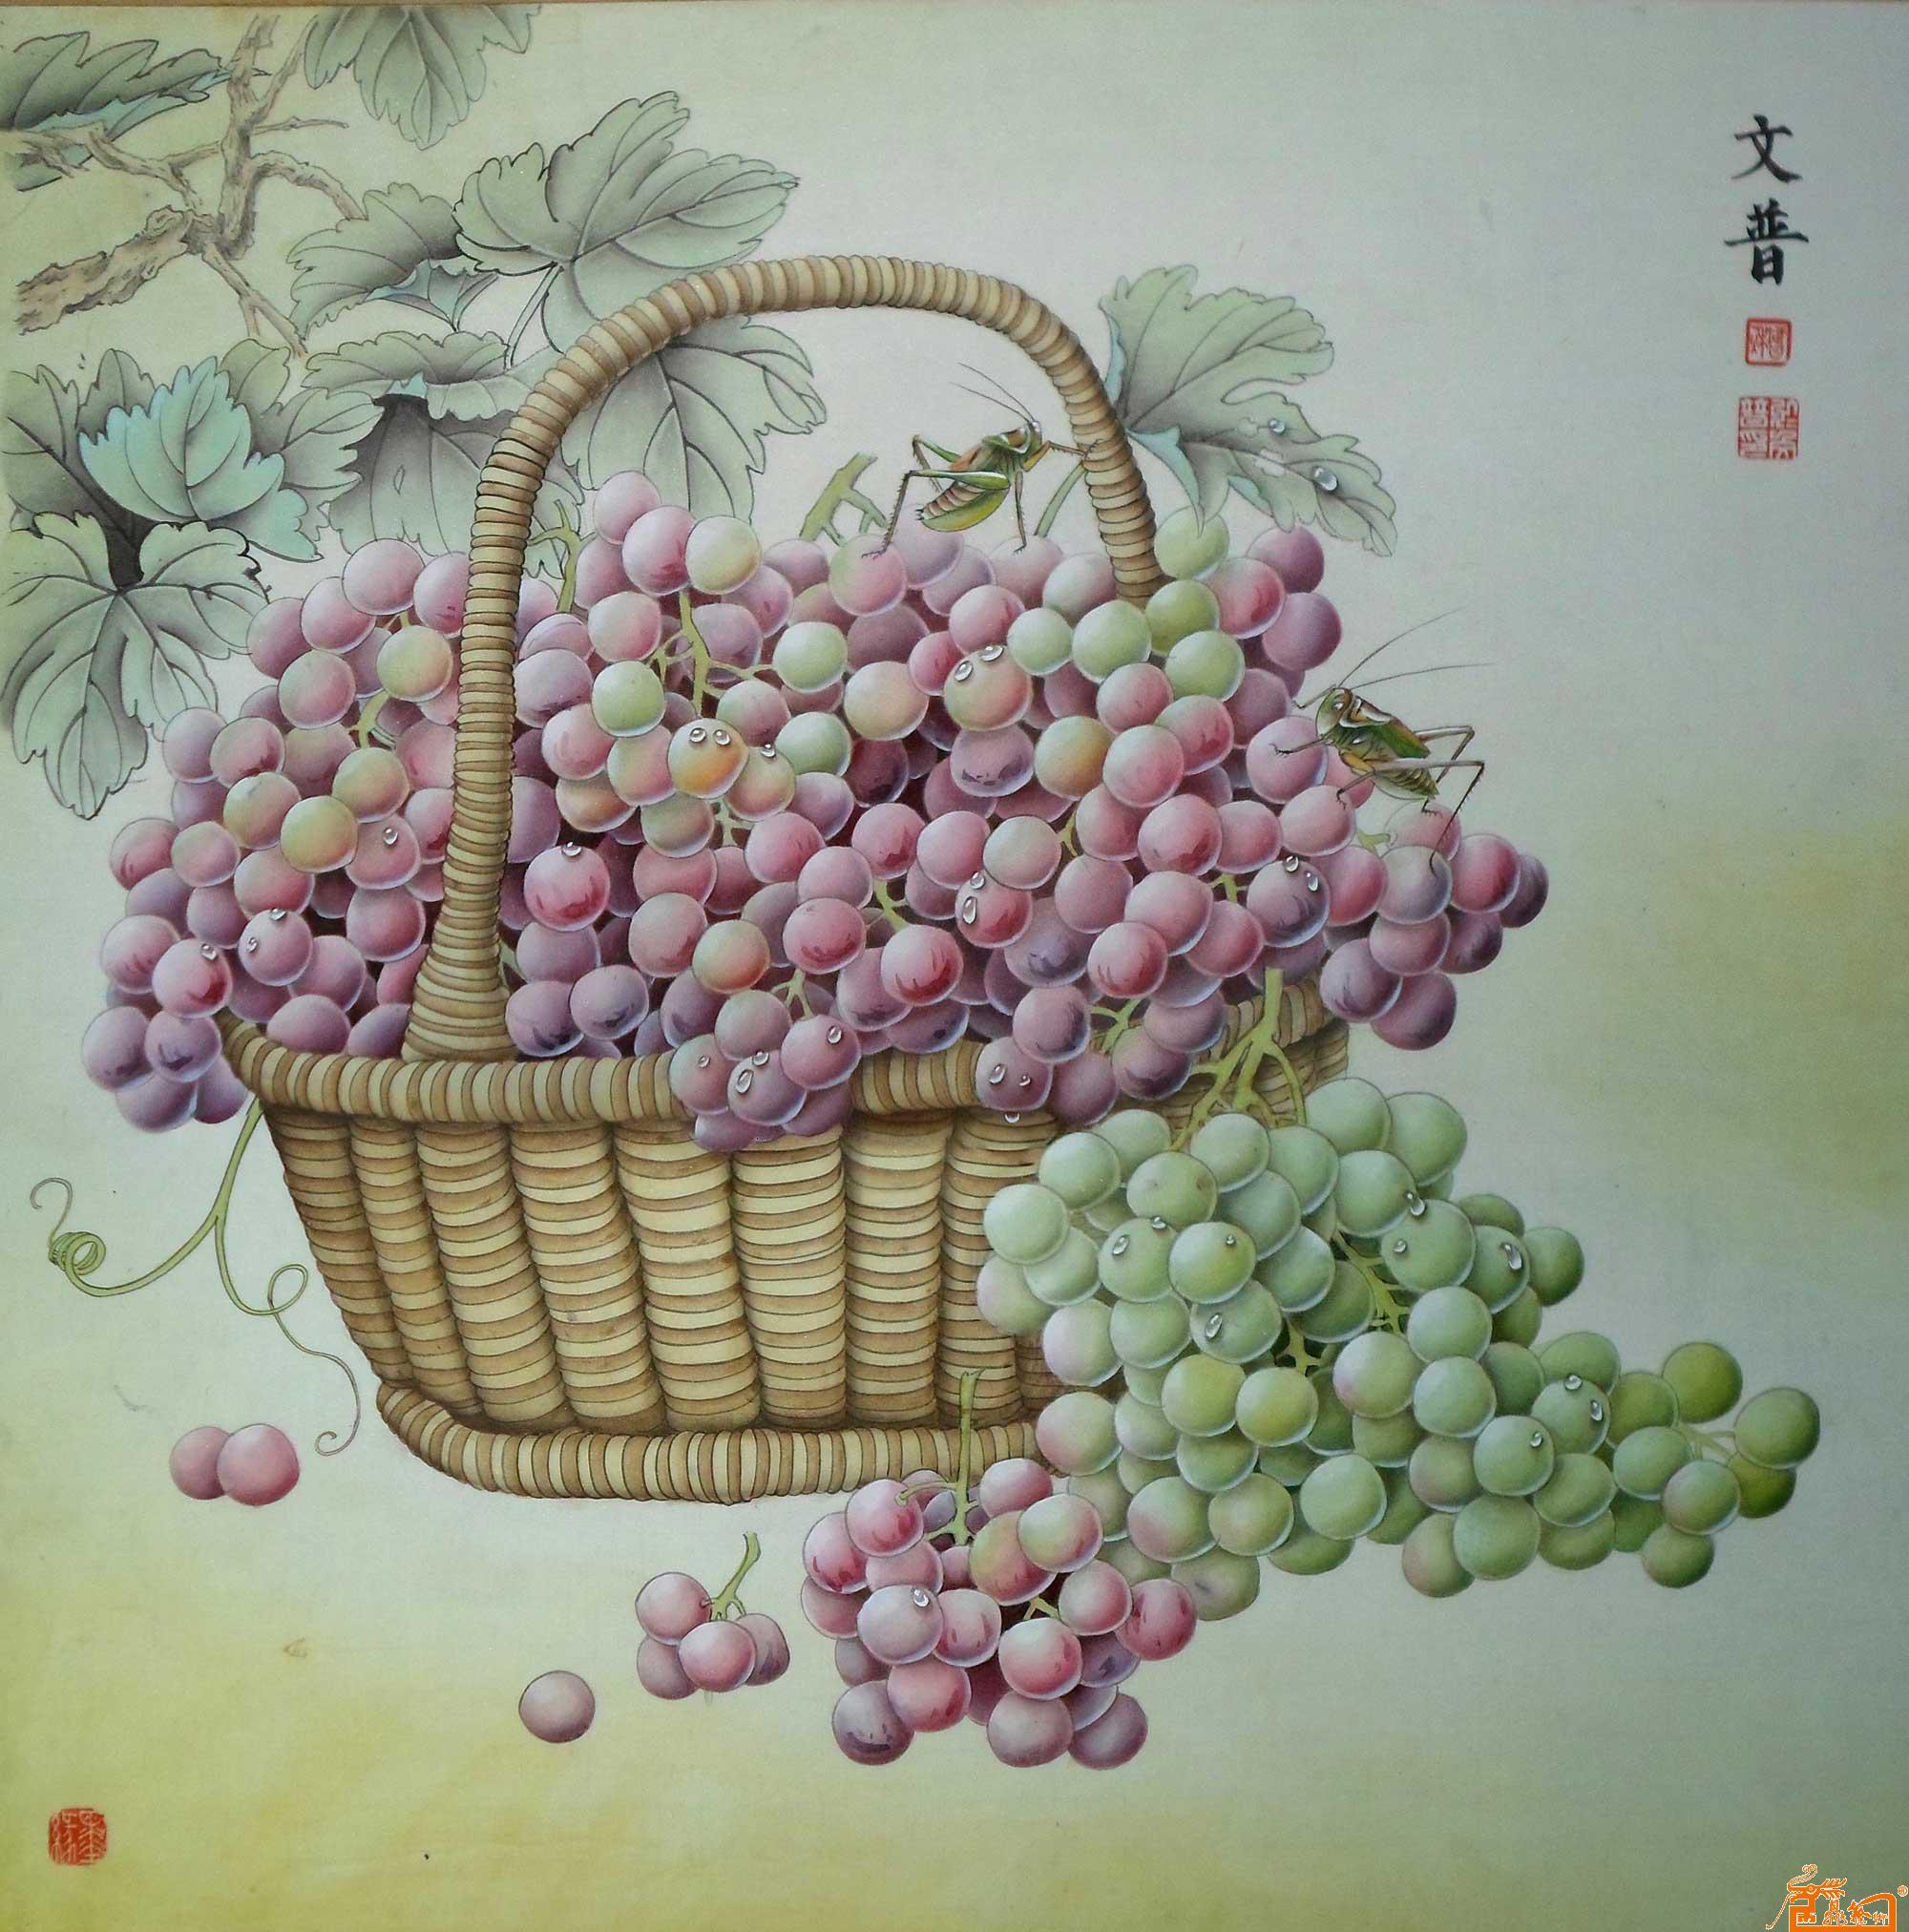 葡萄蝈蝈-於文普-淘宝-名人字画-中国书画服务中心,,.